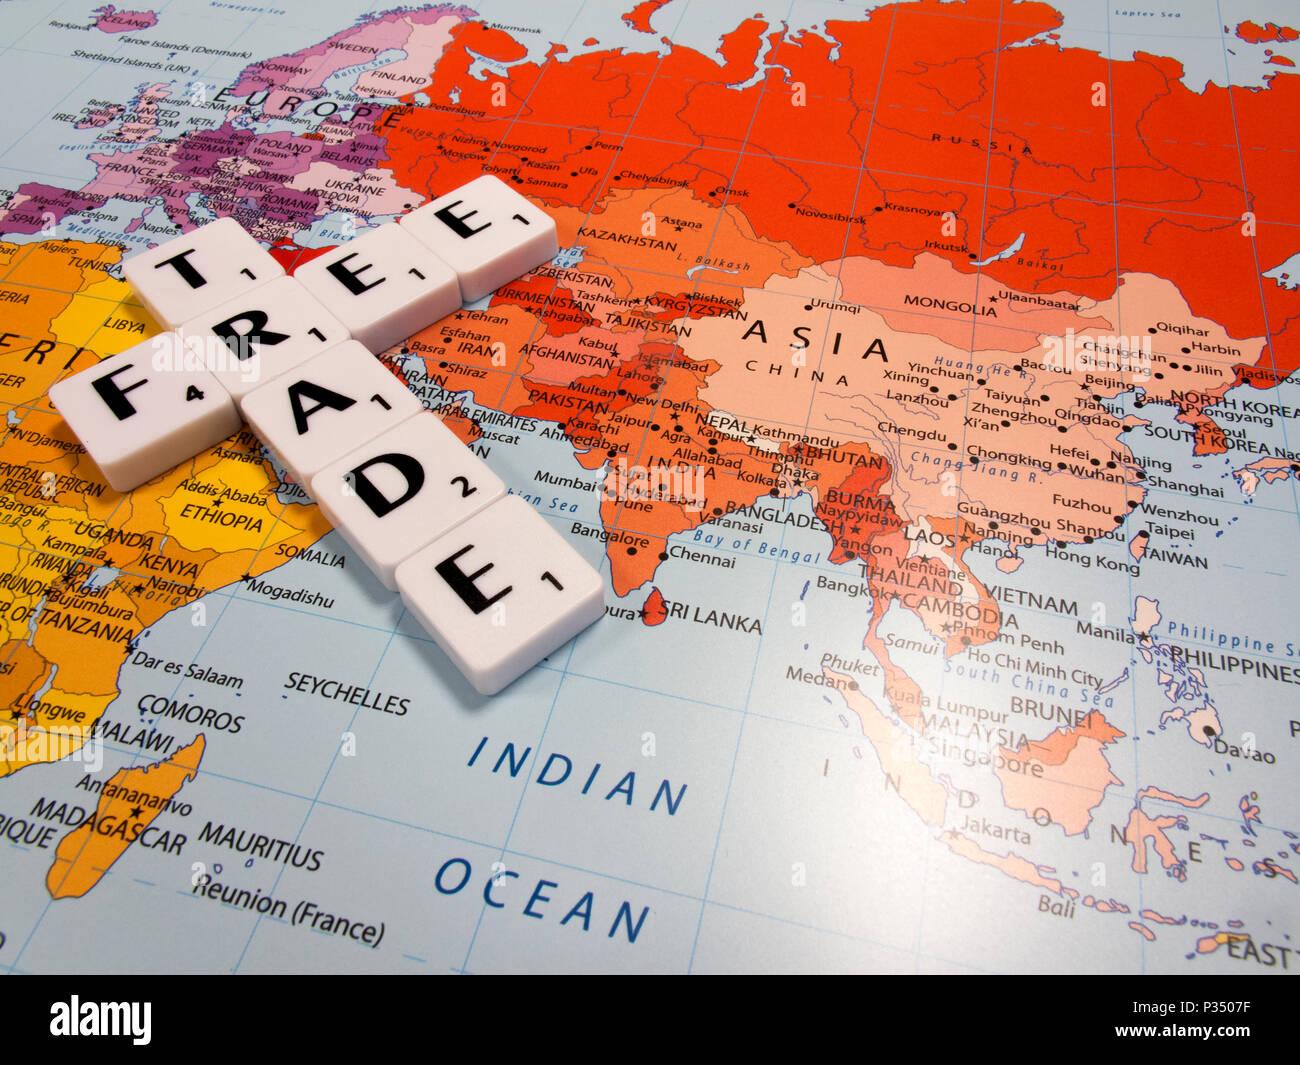 Carte Du Monde Kuala Lumpur.Le Commerce International De Gauche A Son Cours Naturel Sans Droits